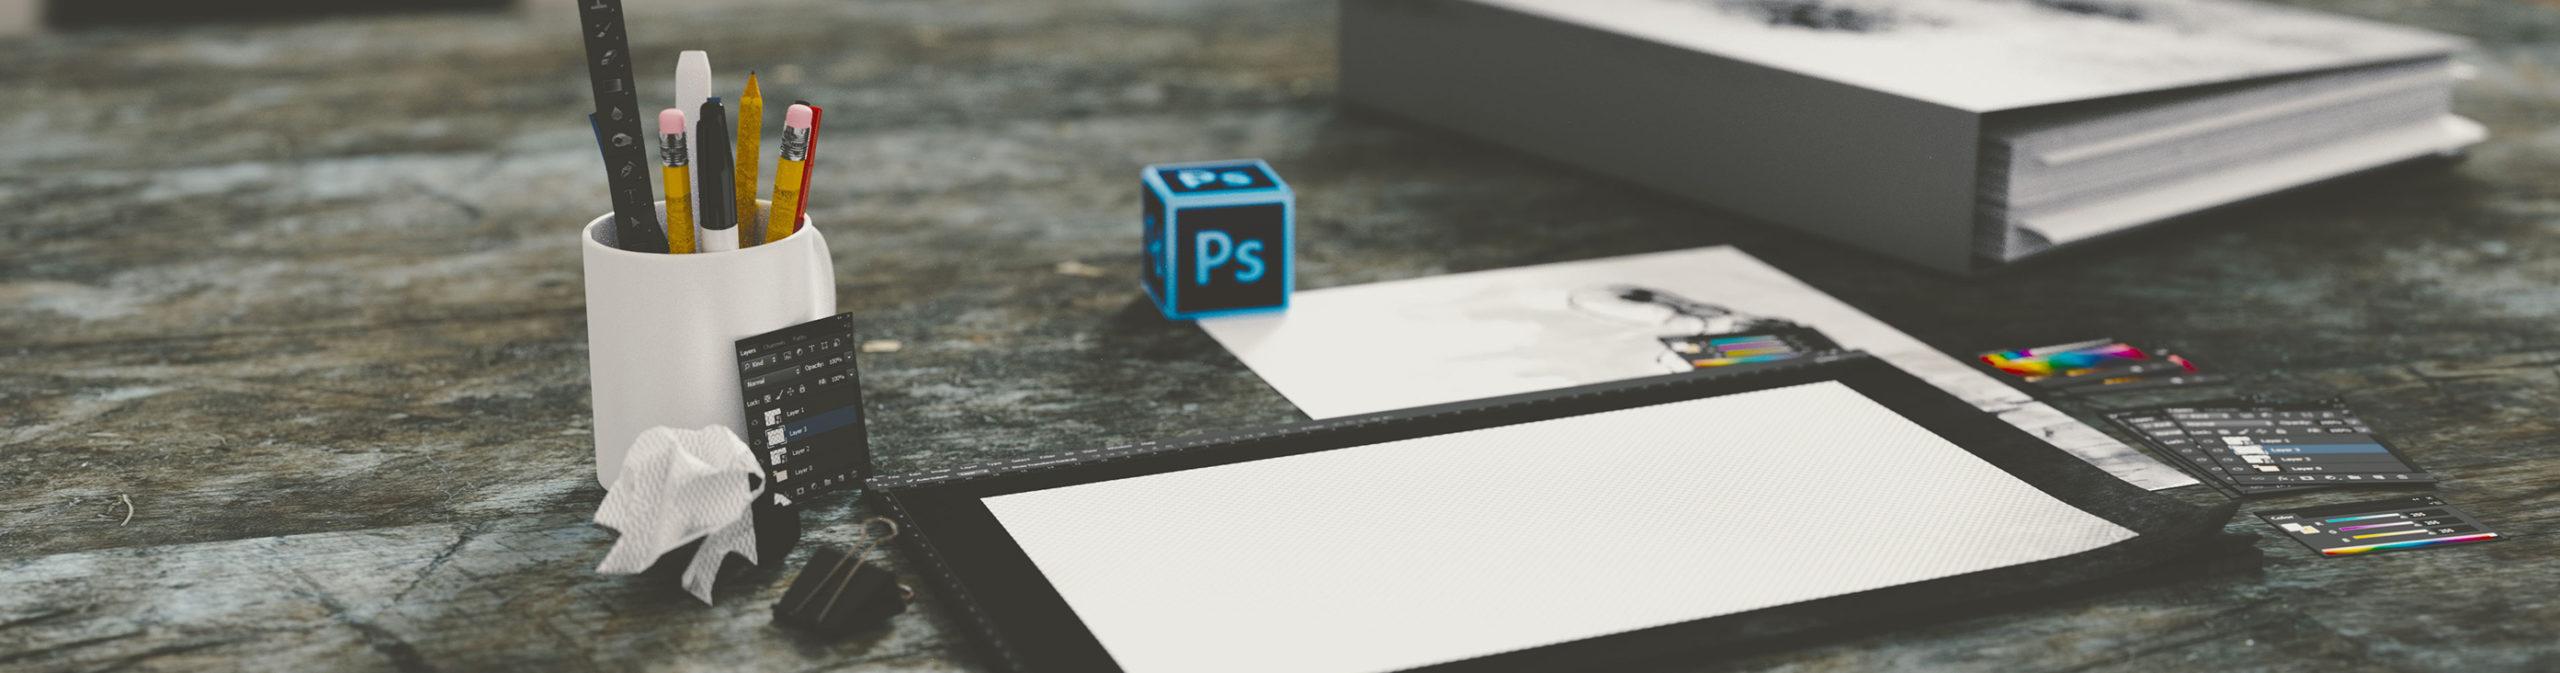 Titelbild-Grafikdesign-Printmedien